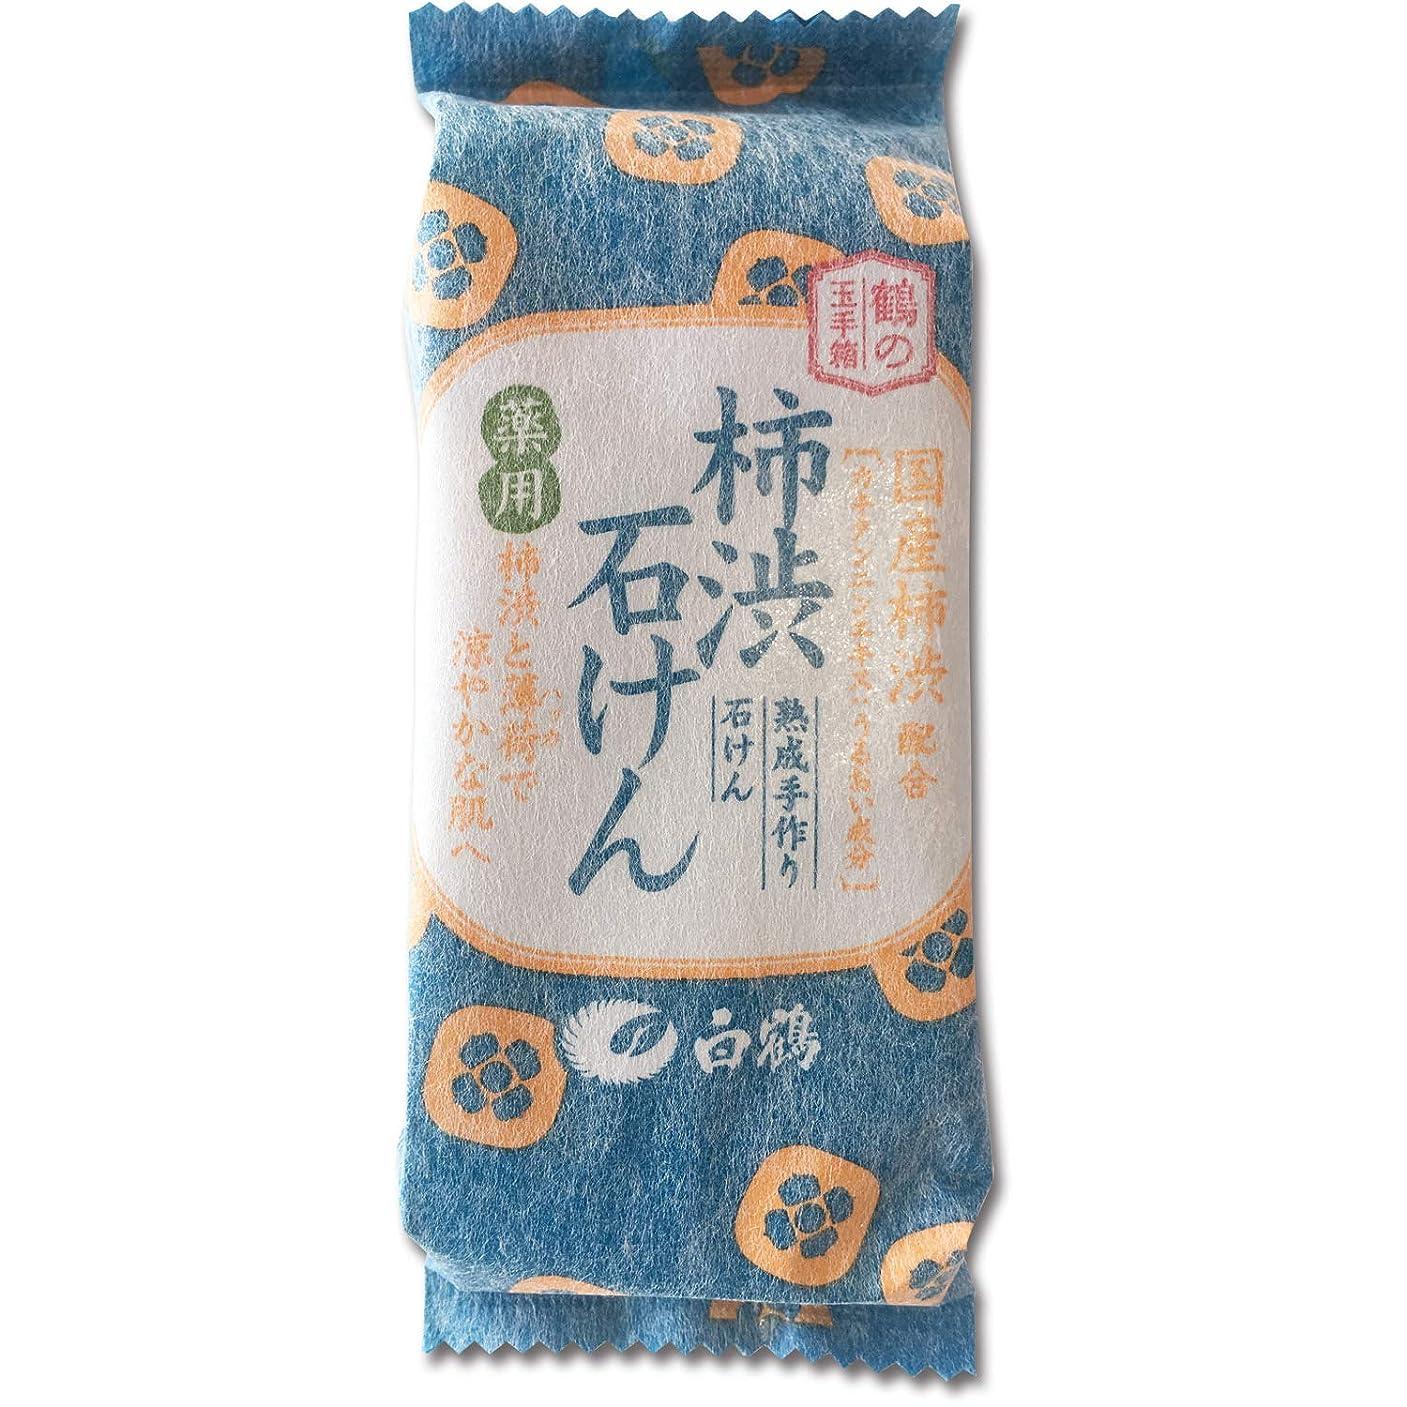 神聖炭水化物ペイント白鶴 鶴の玉手箱 薬用 柿渋石けん 110g (全身用石鹸)